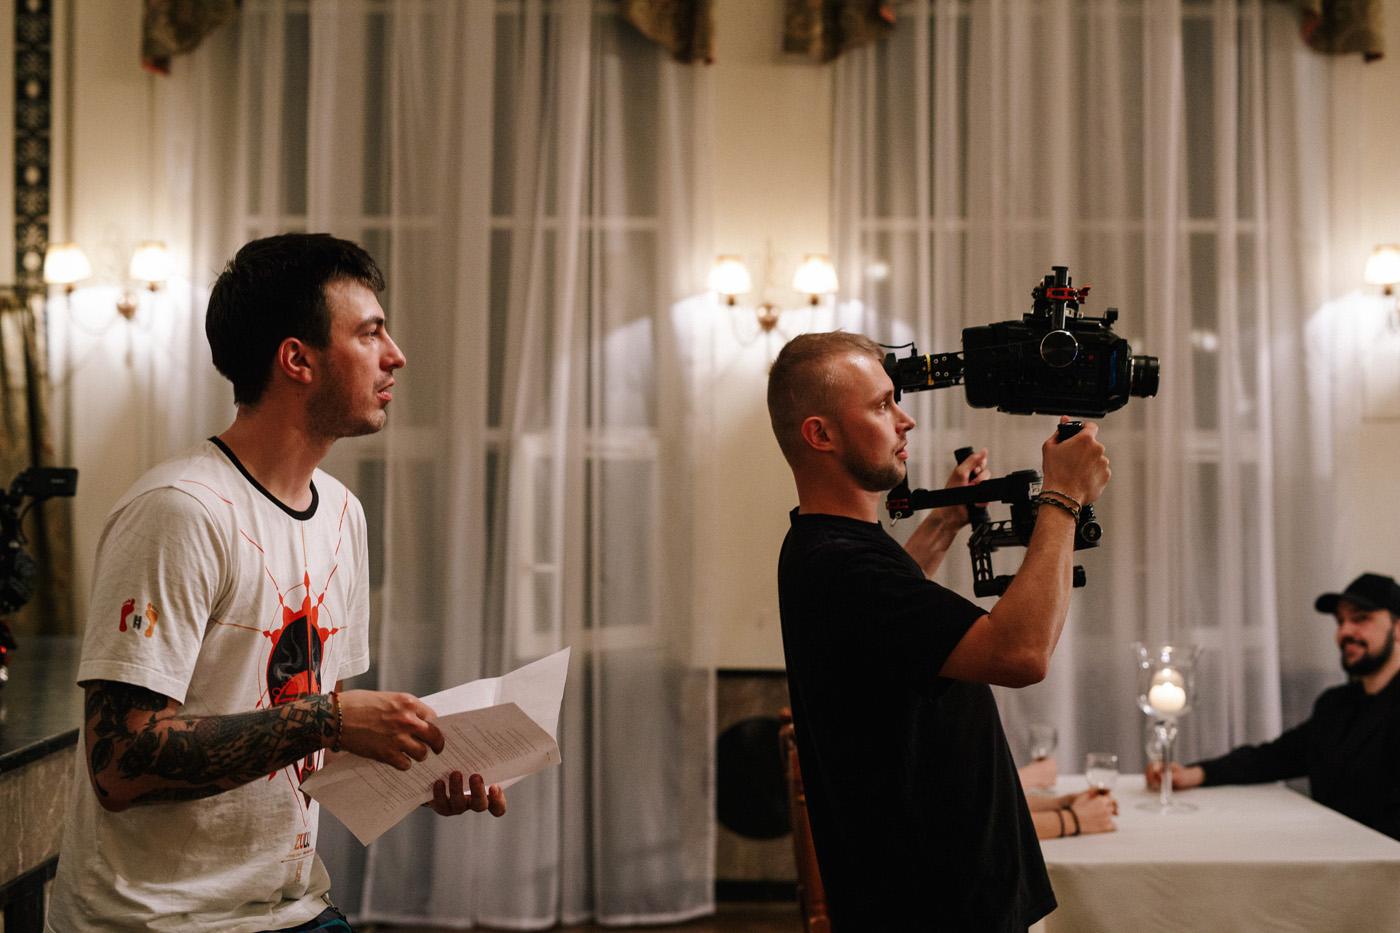 """Nocne rapowanie. Making of teledysku """"Miało się nie udać"""" Jan-rapowanie. 11"""